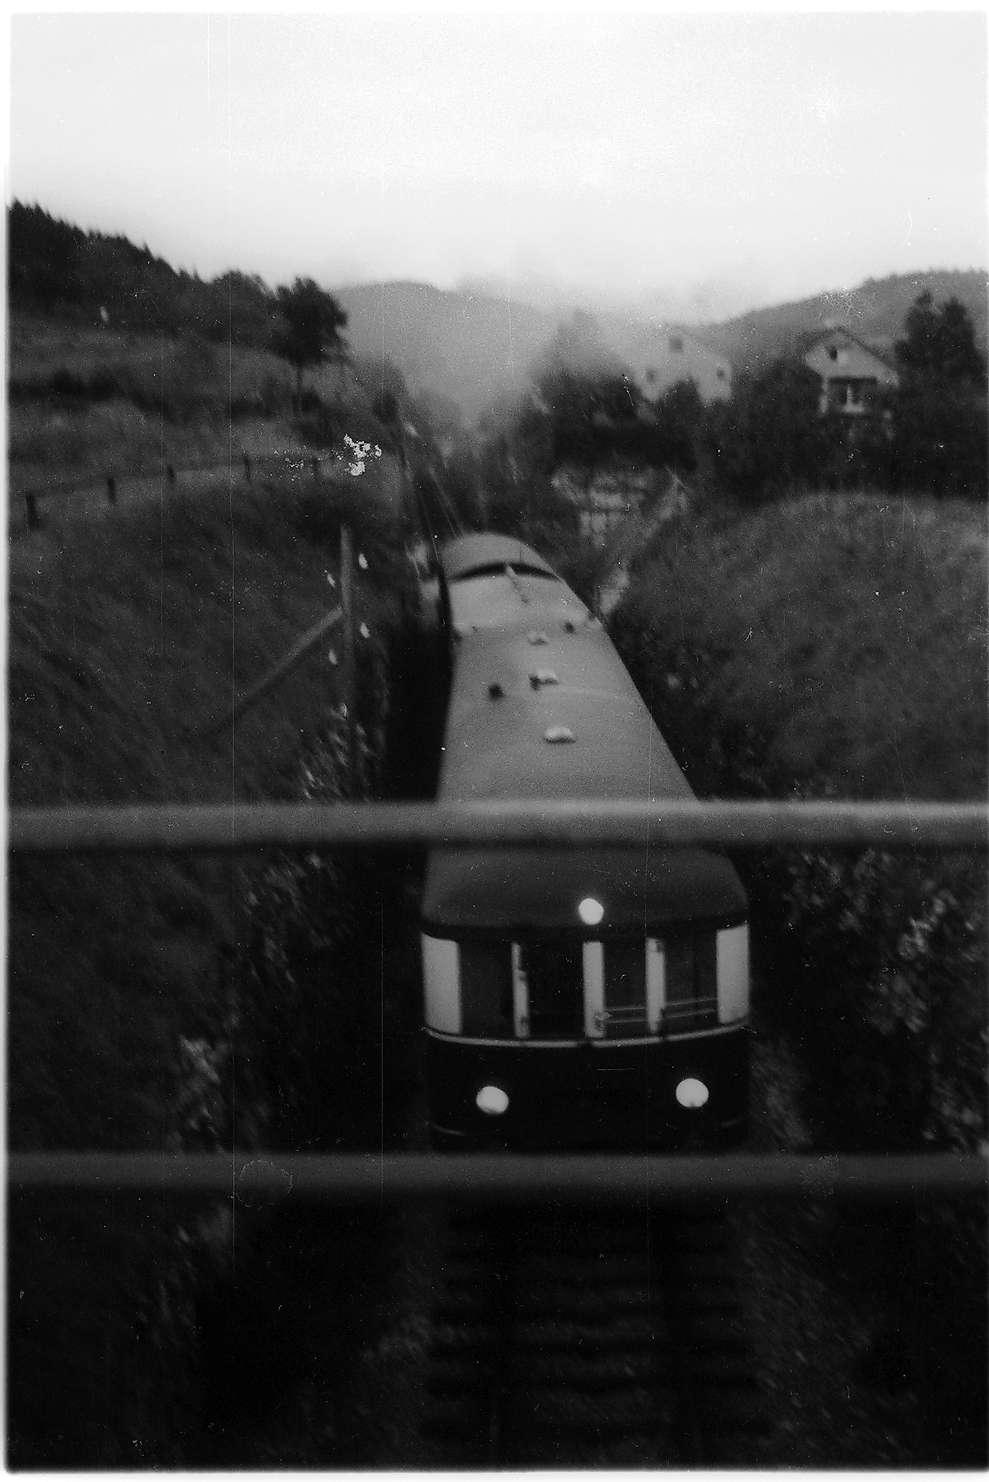 Triebwagen VT 3 (1936 - 1968), Gammertingen, Alte Steige, nachschiebende Dampflok Nr. 11, Bild 1